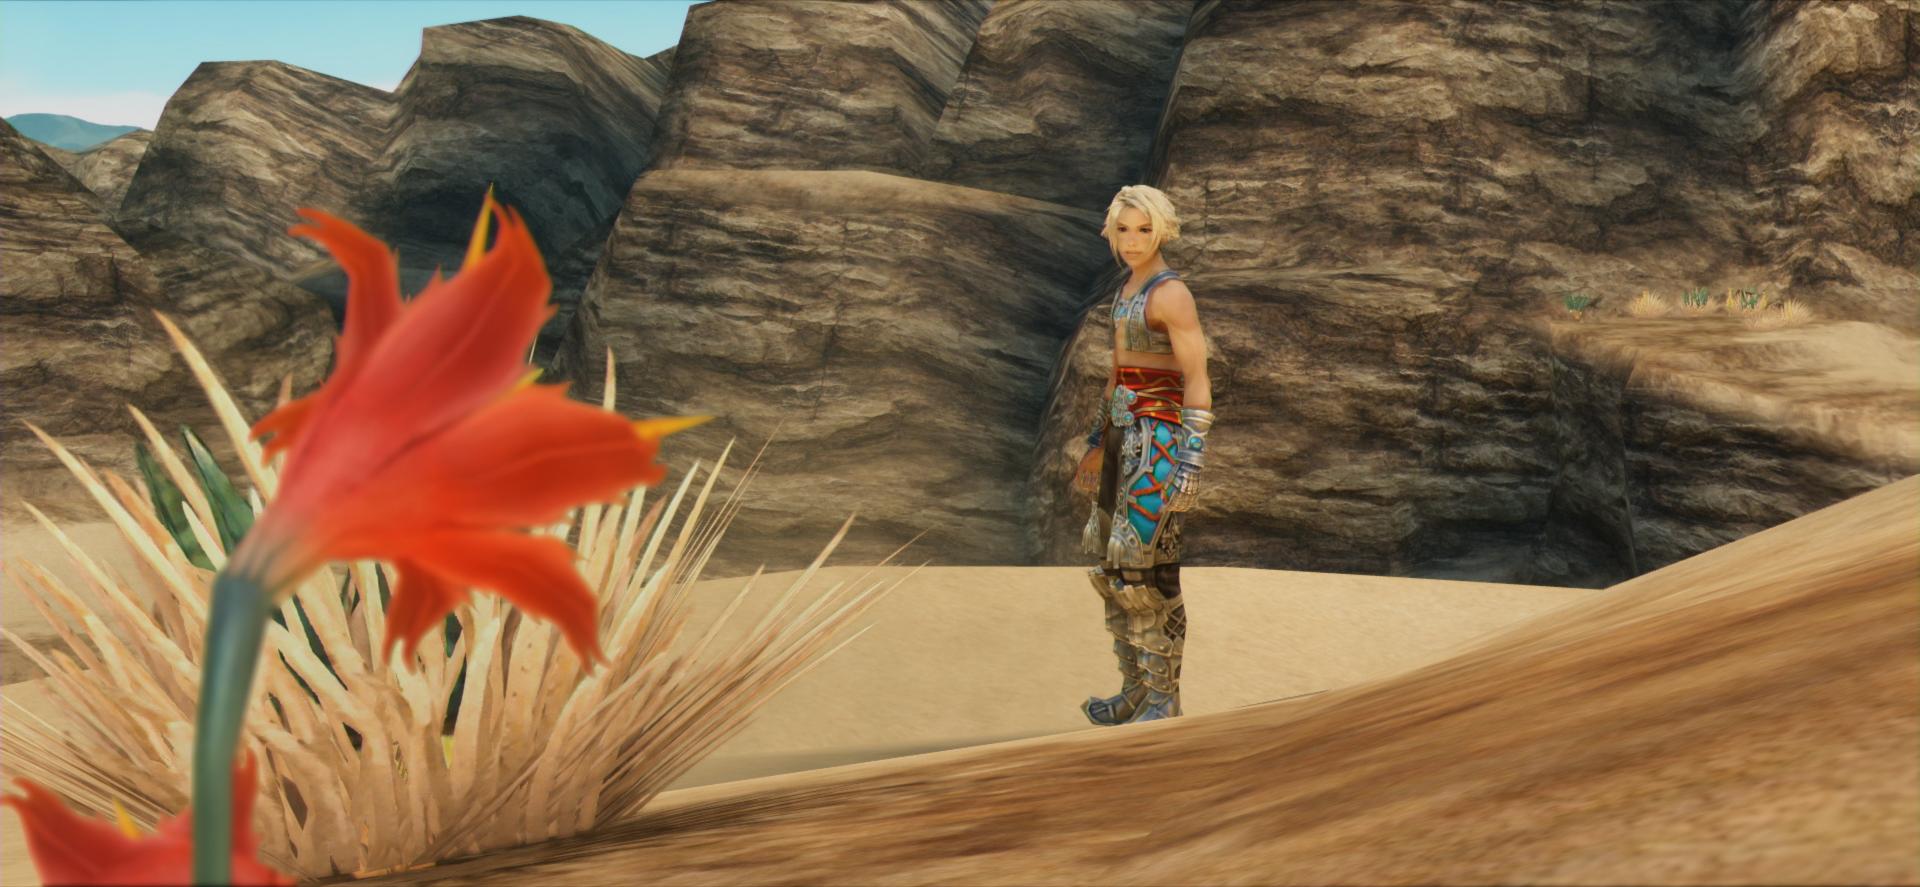 Boje a předělové scény z Final Fantasy XII: The Zodiac Age 142329